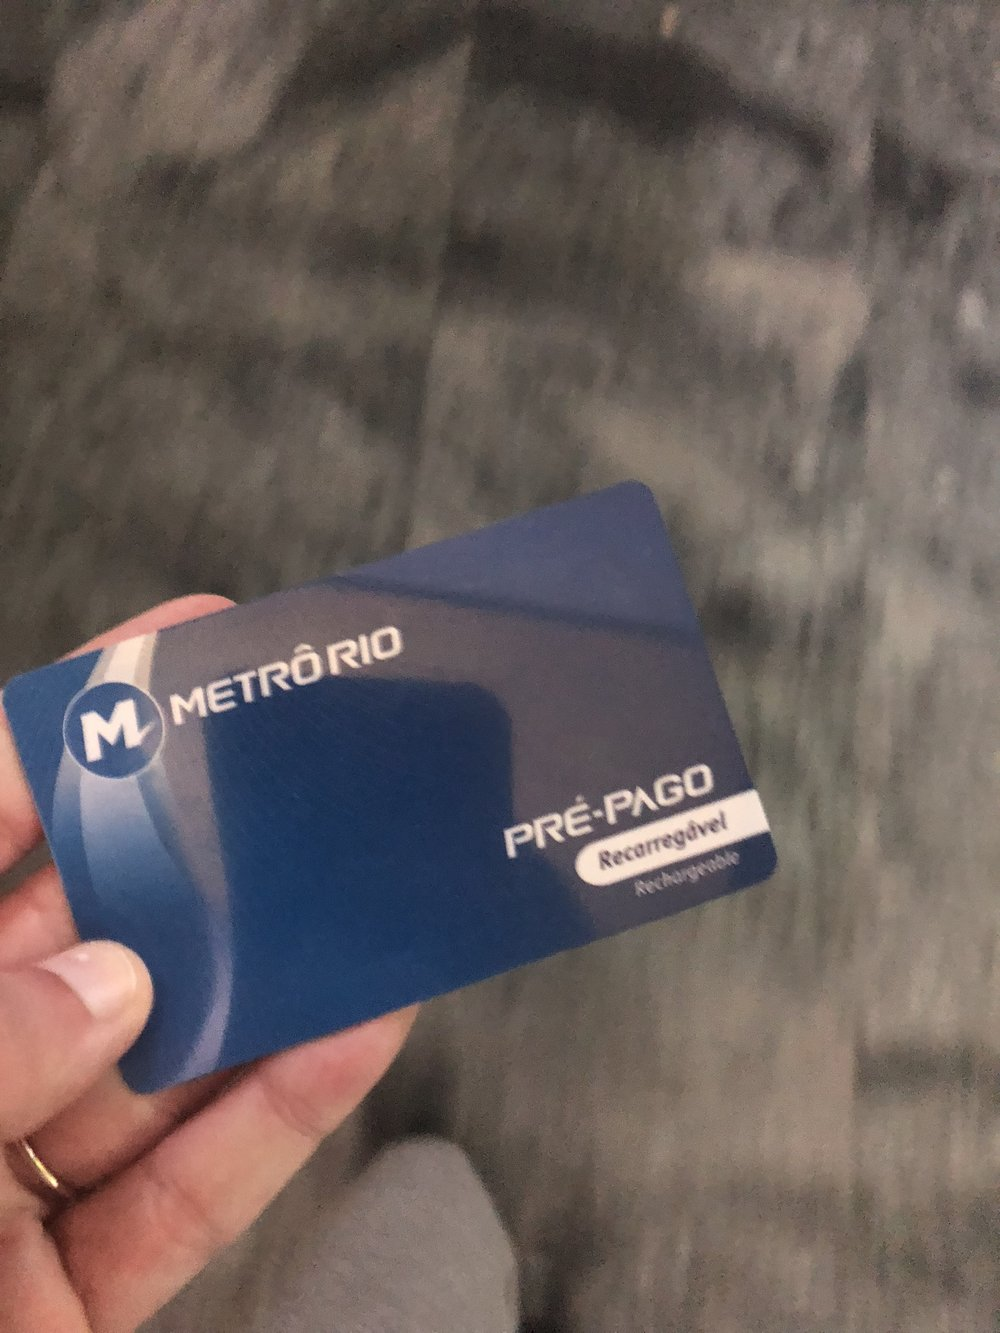 MetroRio Card